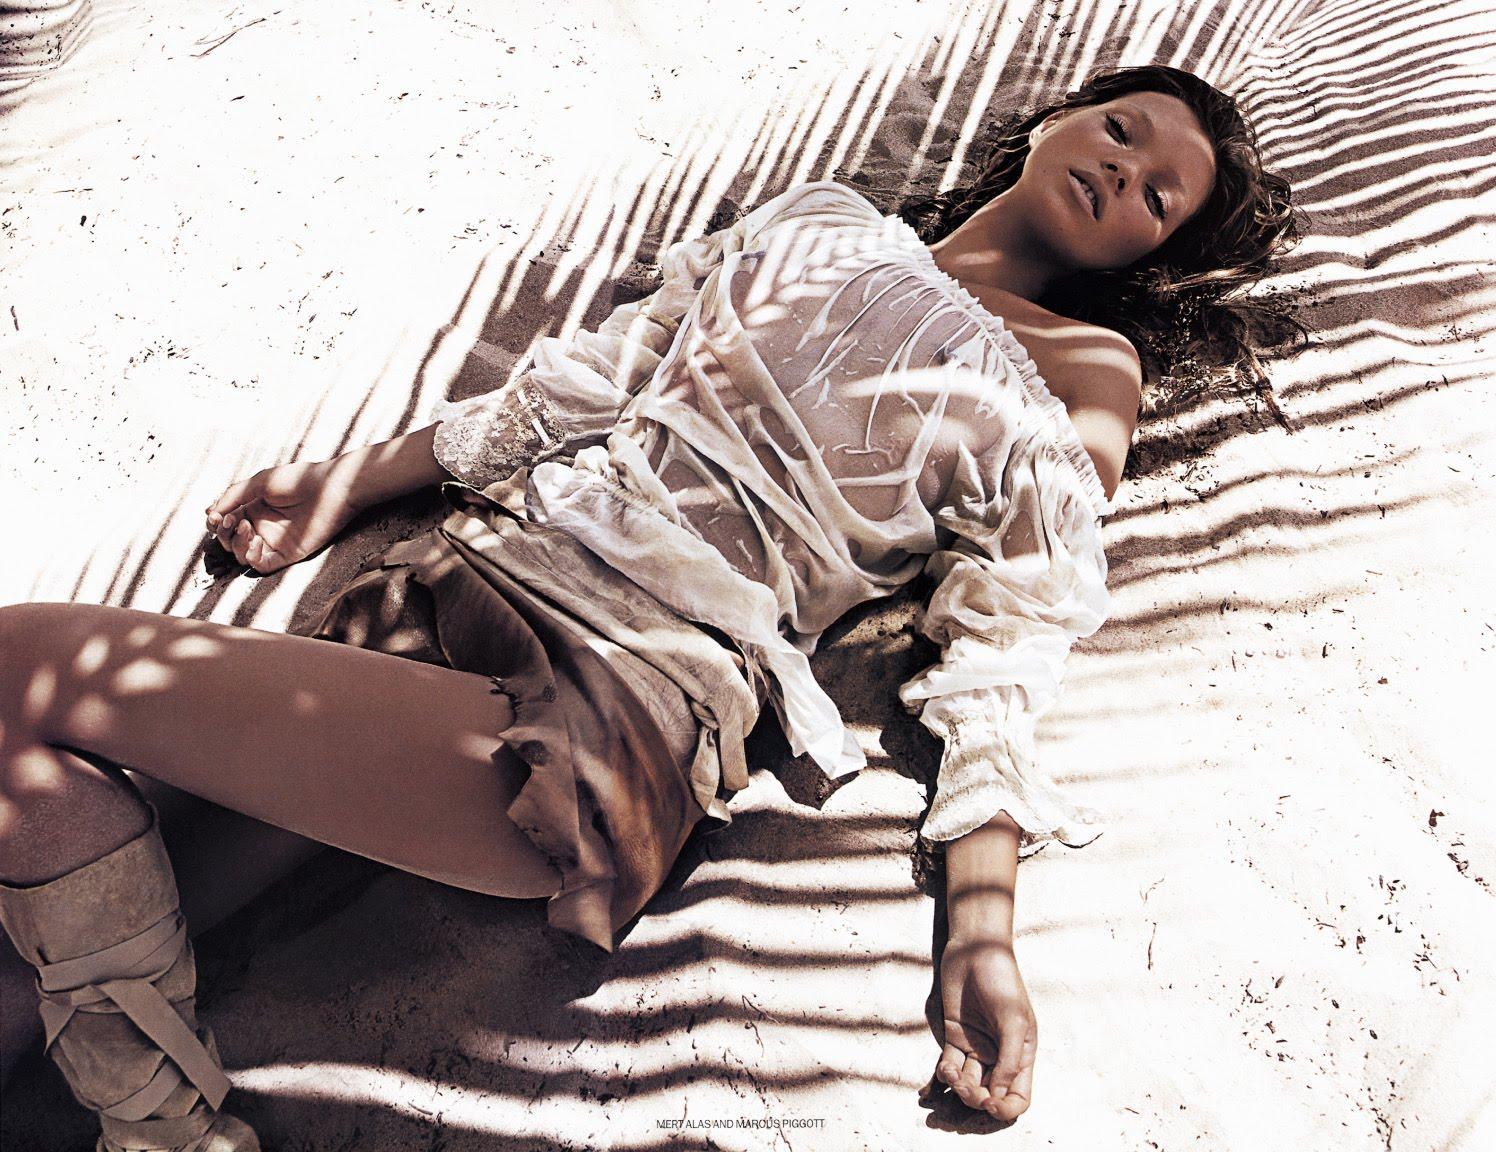 http://1.bp.blogspot.com/_BUSA57Lwhhs/TCpfbbPvDDI/AAAAAAAAAyY/tovr02lDD6k/s1600/vouk20020606_Kate_Moss.jpgmarcusmert.jpg